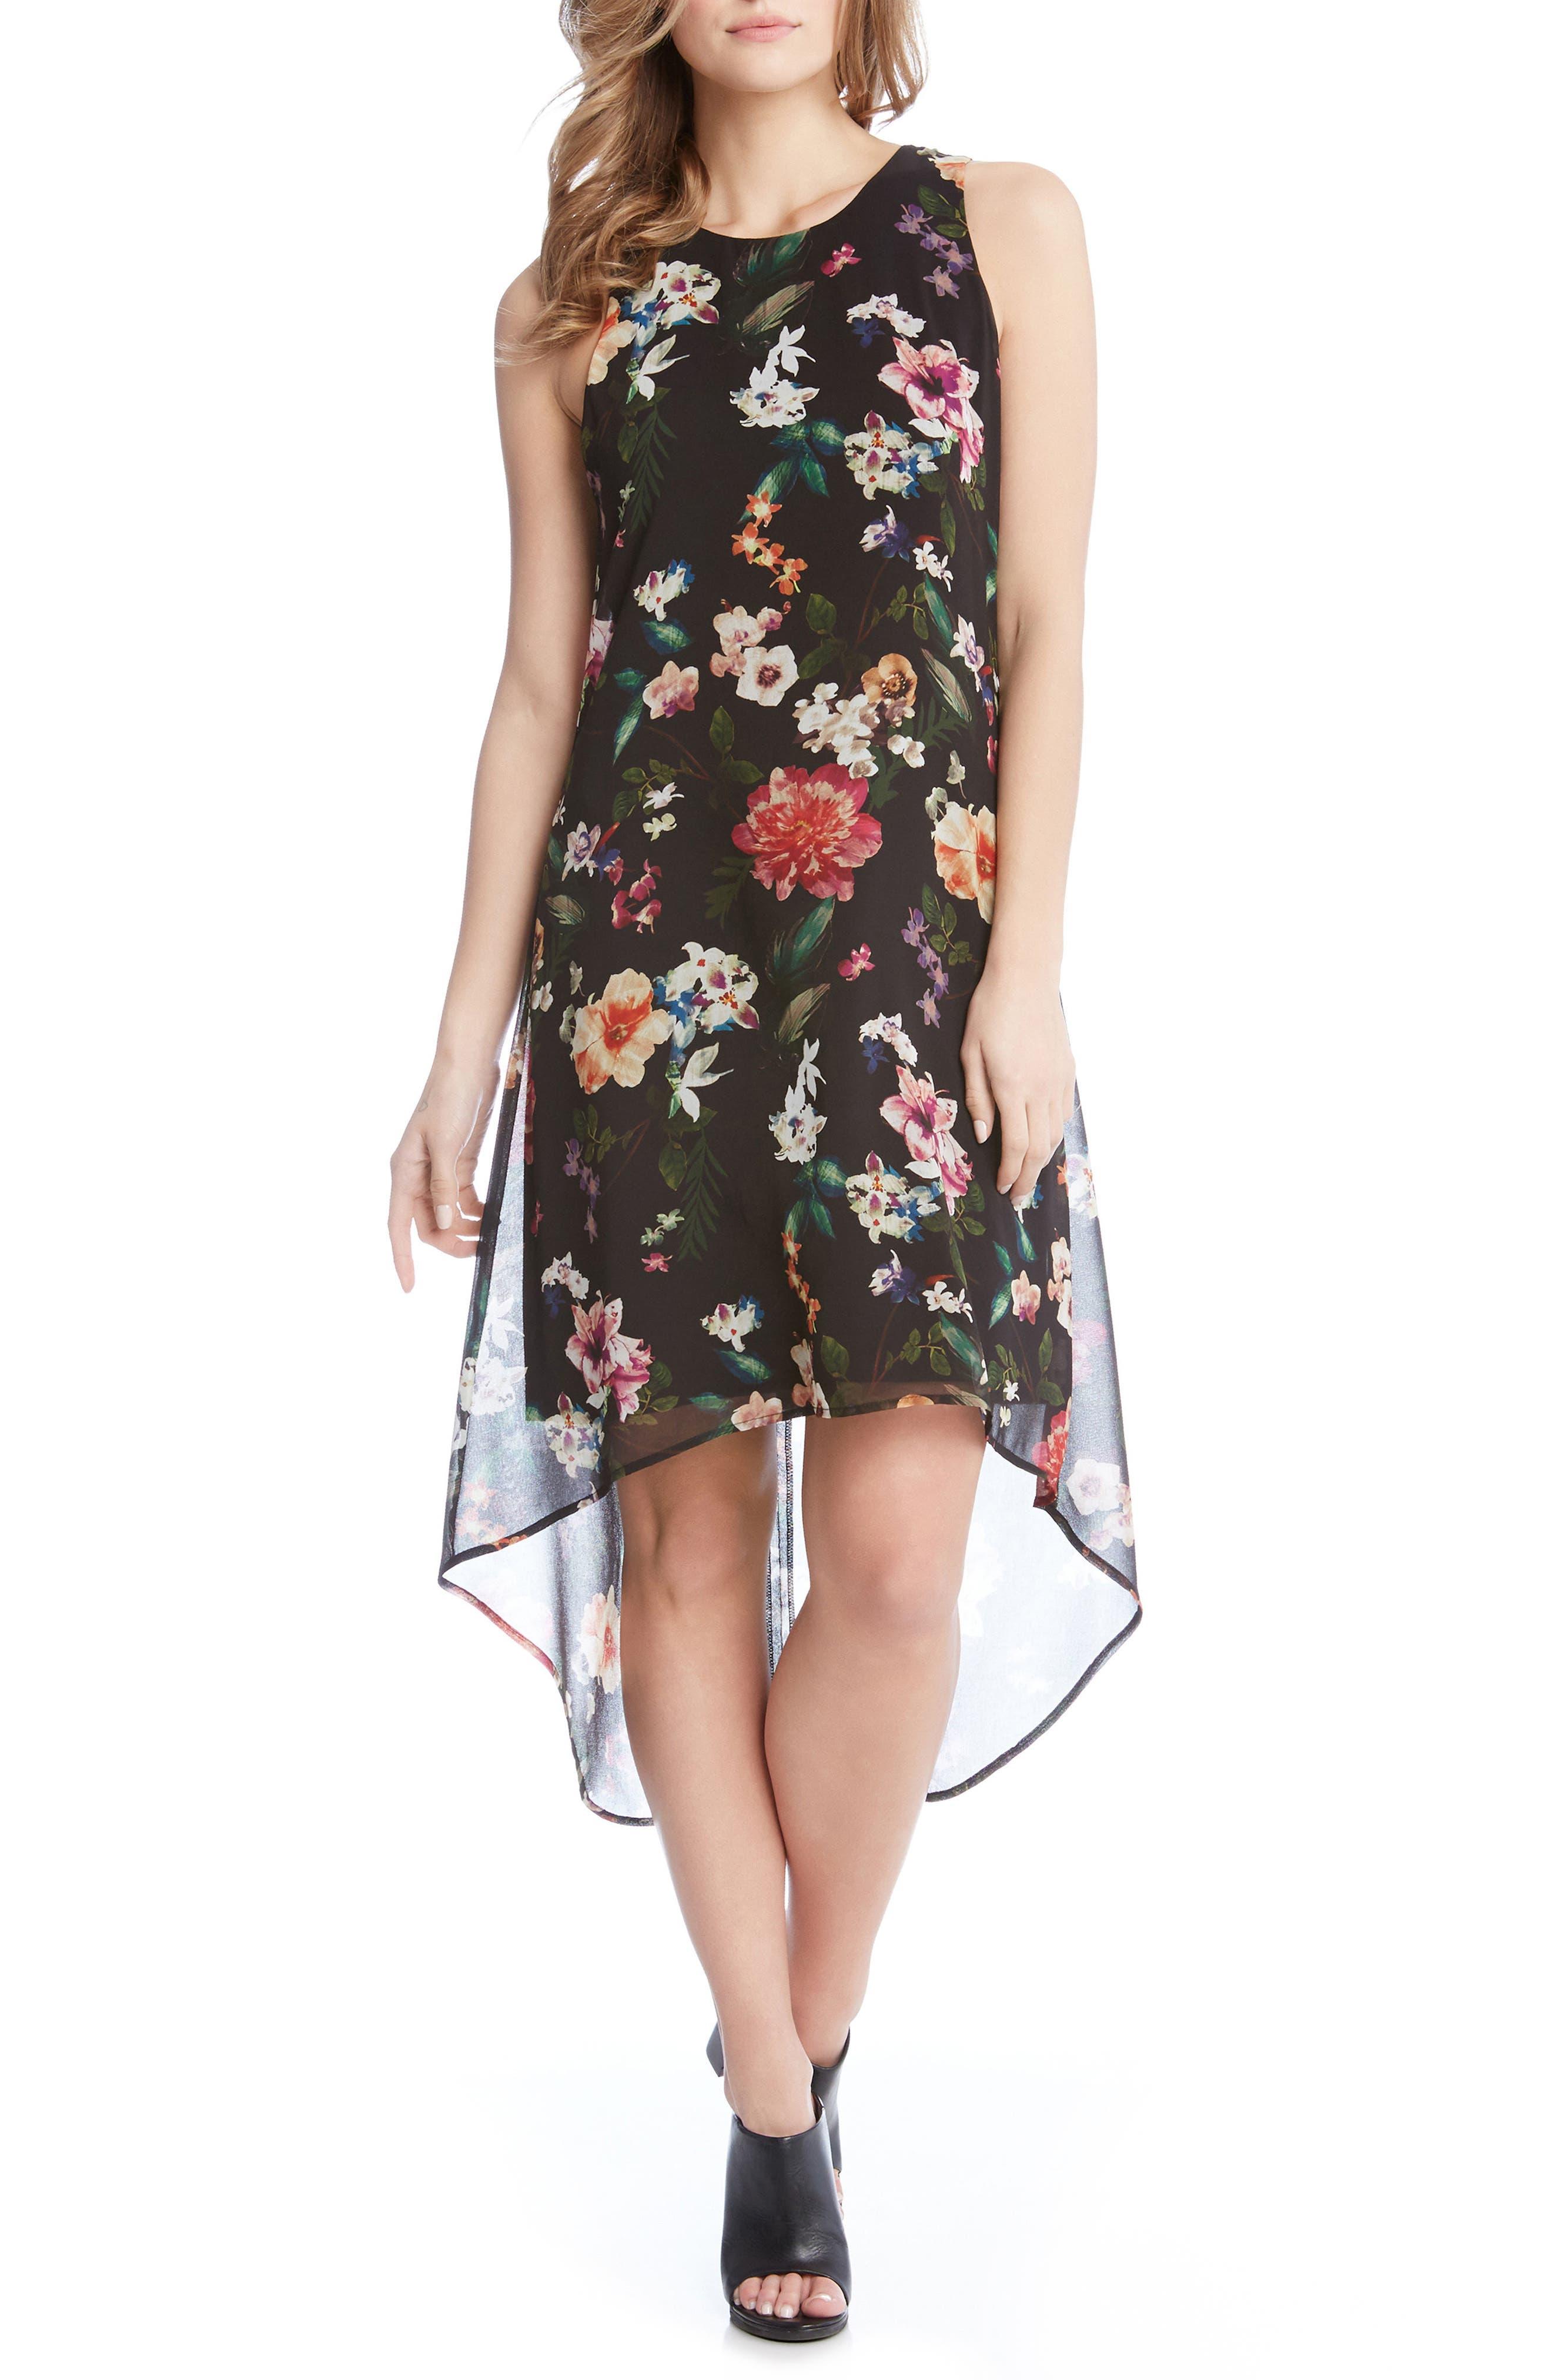 Alternate Image 1 Selected - Karen Kane Floral High/Low A-Line Dress